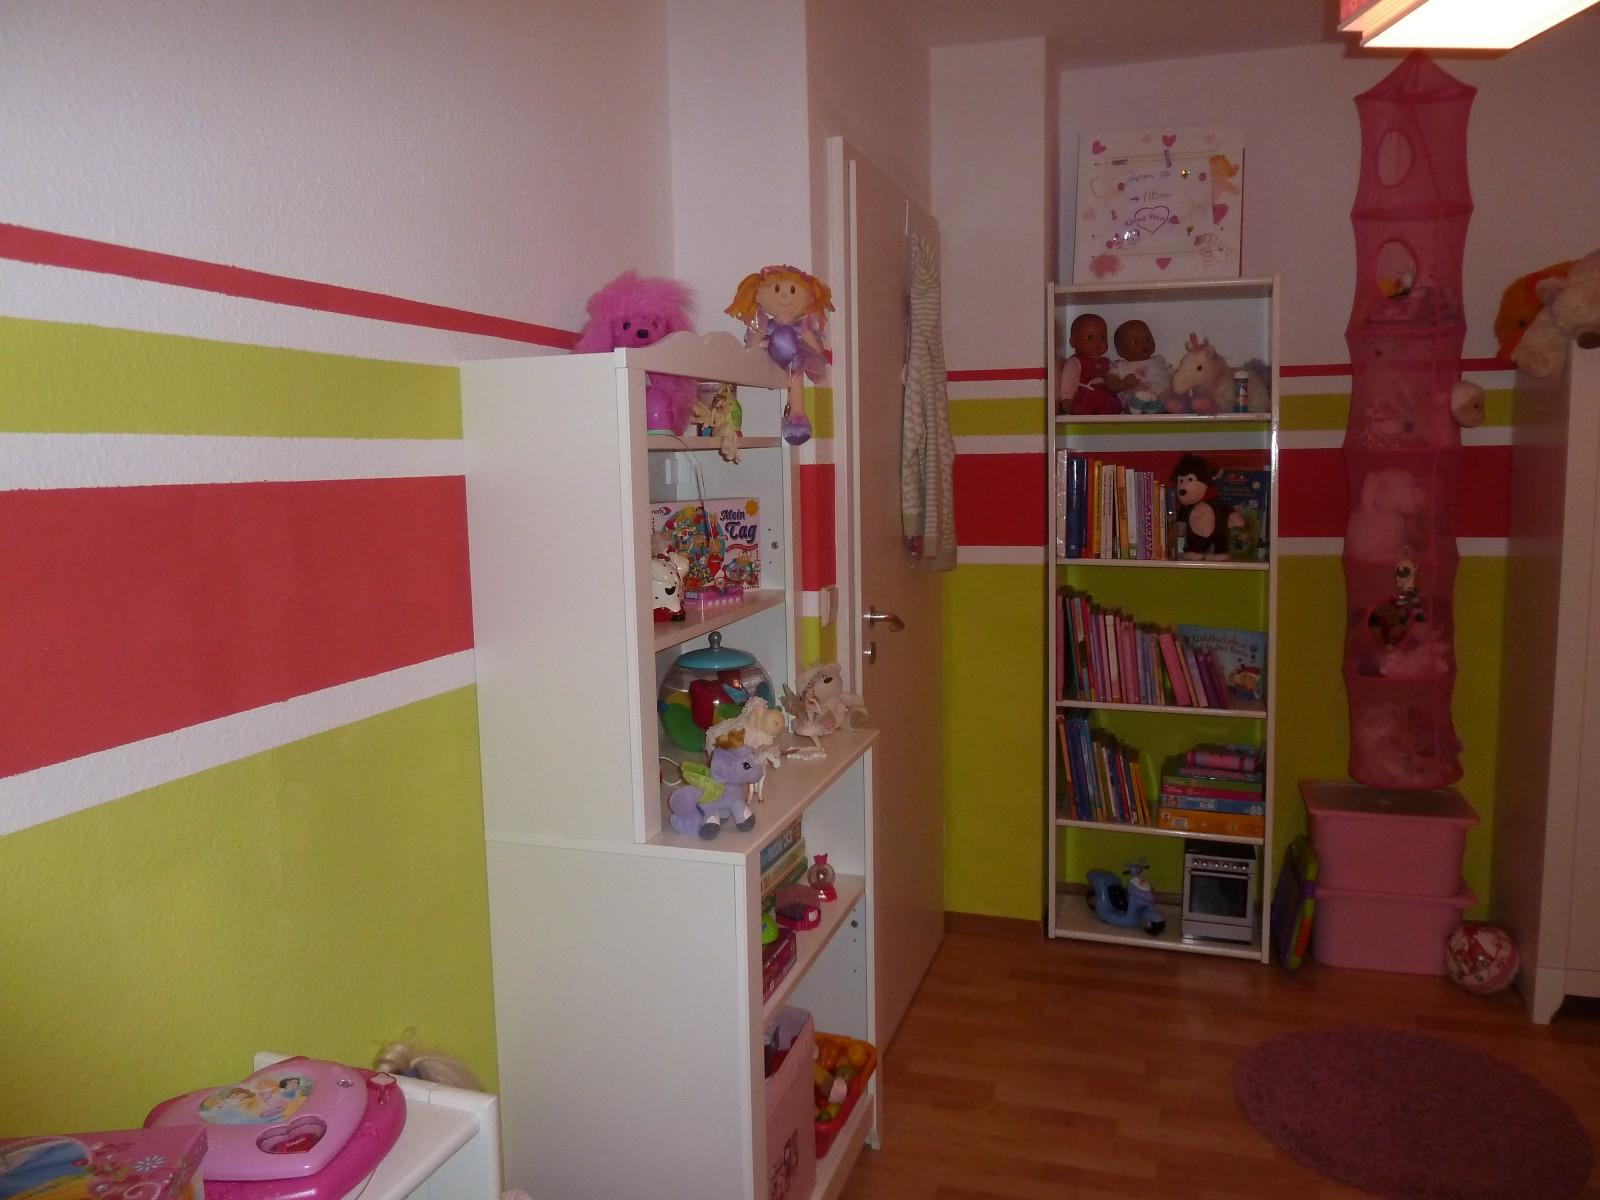 Kinderzimmer \'Hello Kitty Traum :)\' - Mein Domizil - Zimmerschau